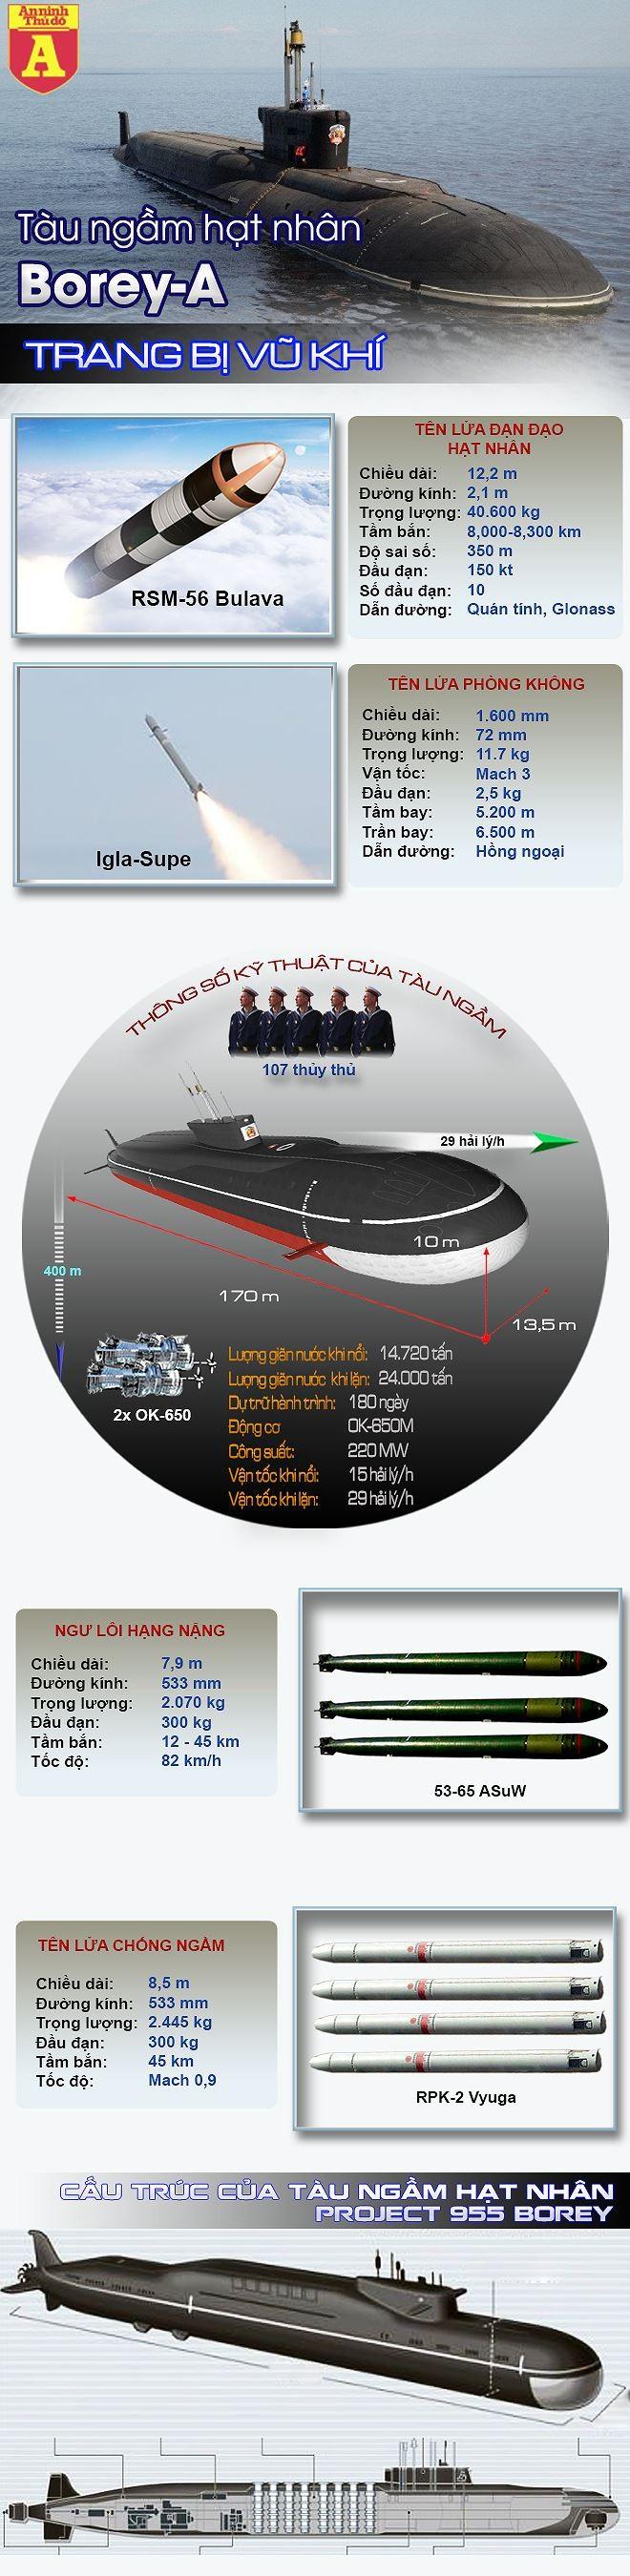 """[ĐỒ HỌA] Tàu ngầm hạt nhân Nga mang """"kẻ hủy diệt"""" Bulava đi vào trực chiến ảnh 3"""